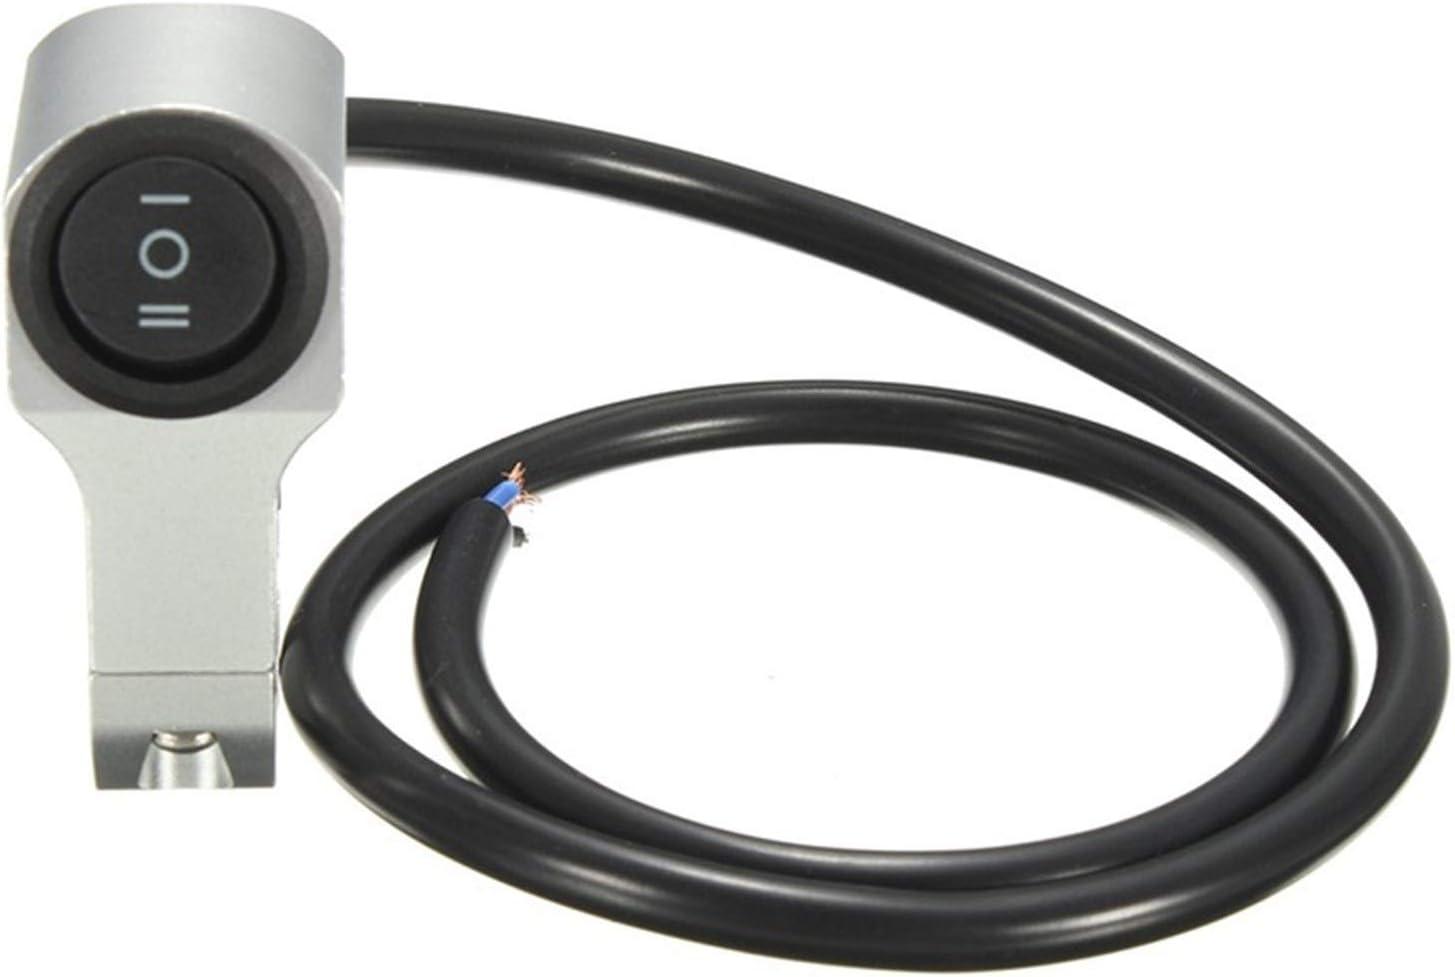 Color : Black Uso a largo plazo 22cm 7//8 pulgadas de aleaci/ón de aluminio manillar de la motocicleta Interruptor de faros de tres posiciones a prueba de agua Interruptor 12V Niebla Spotlight retro